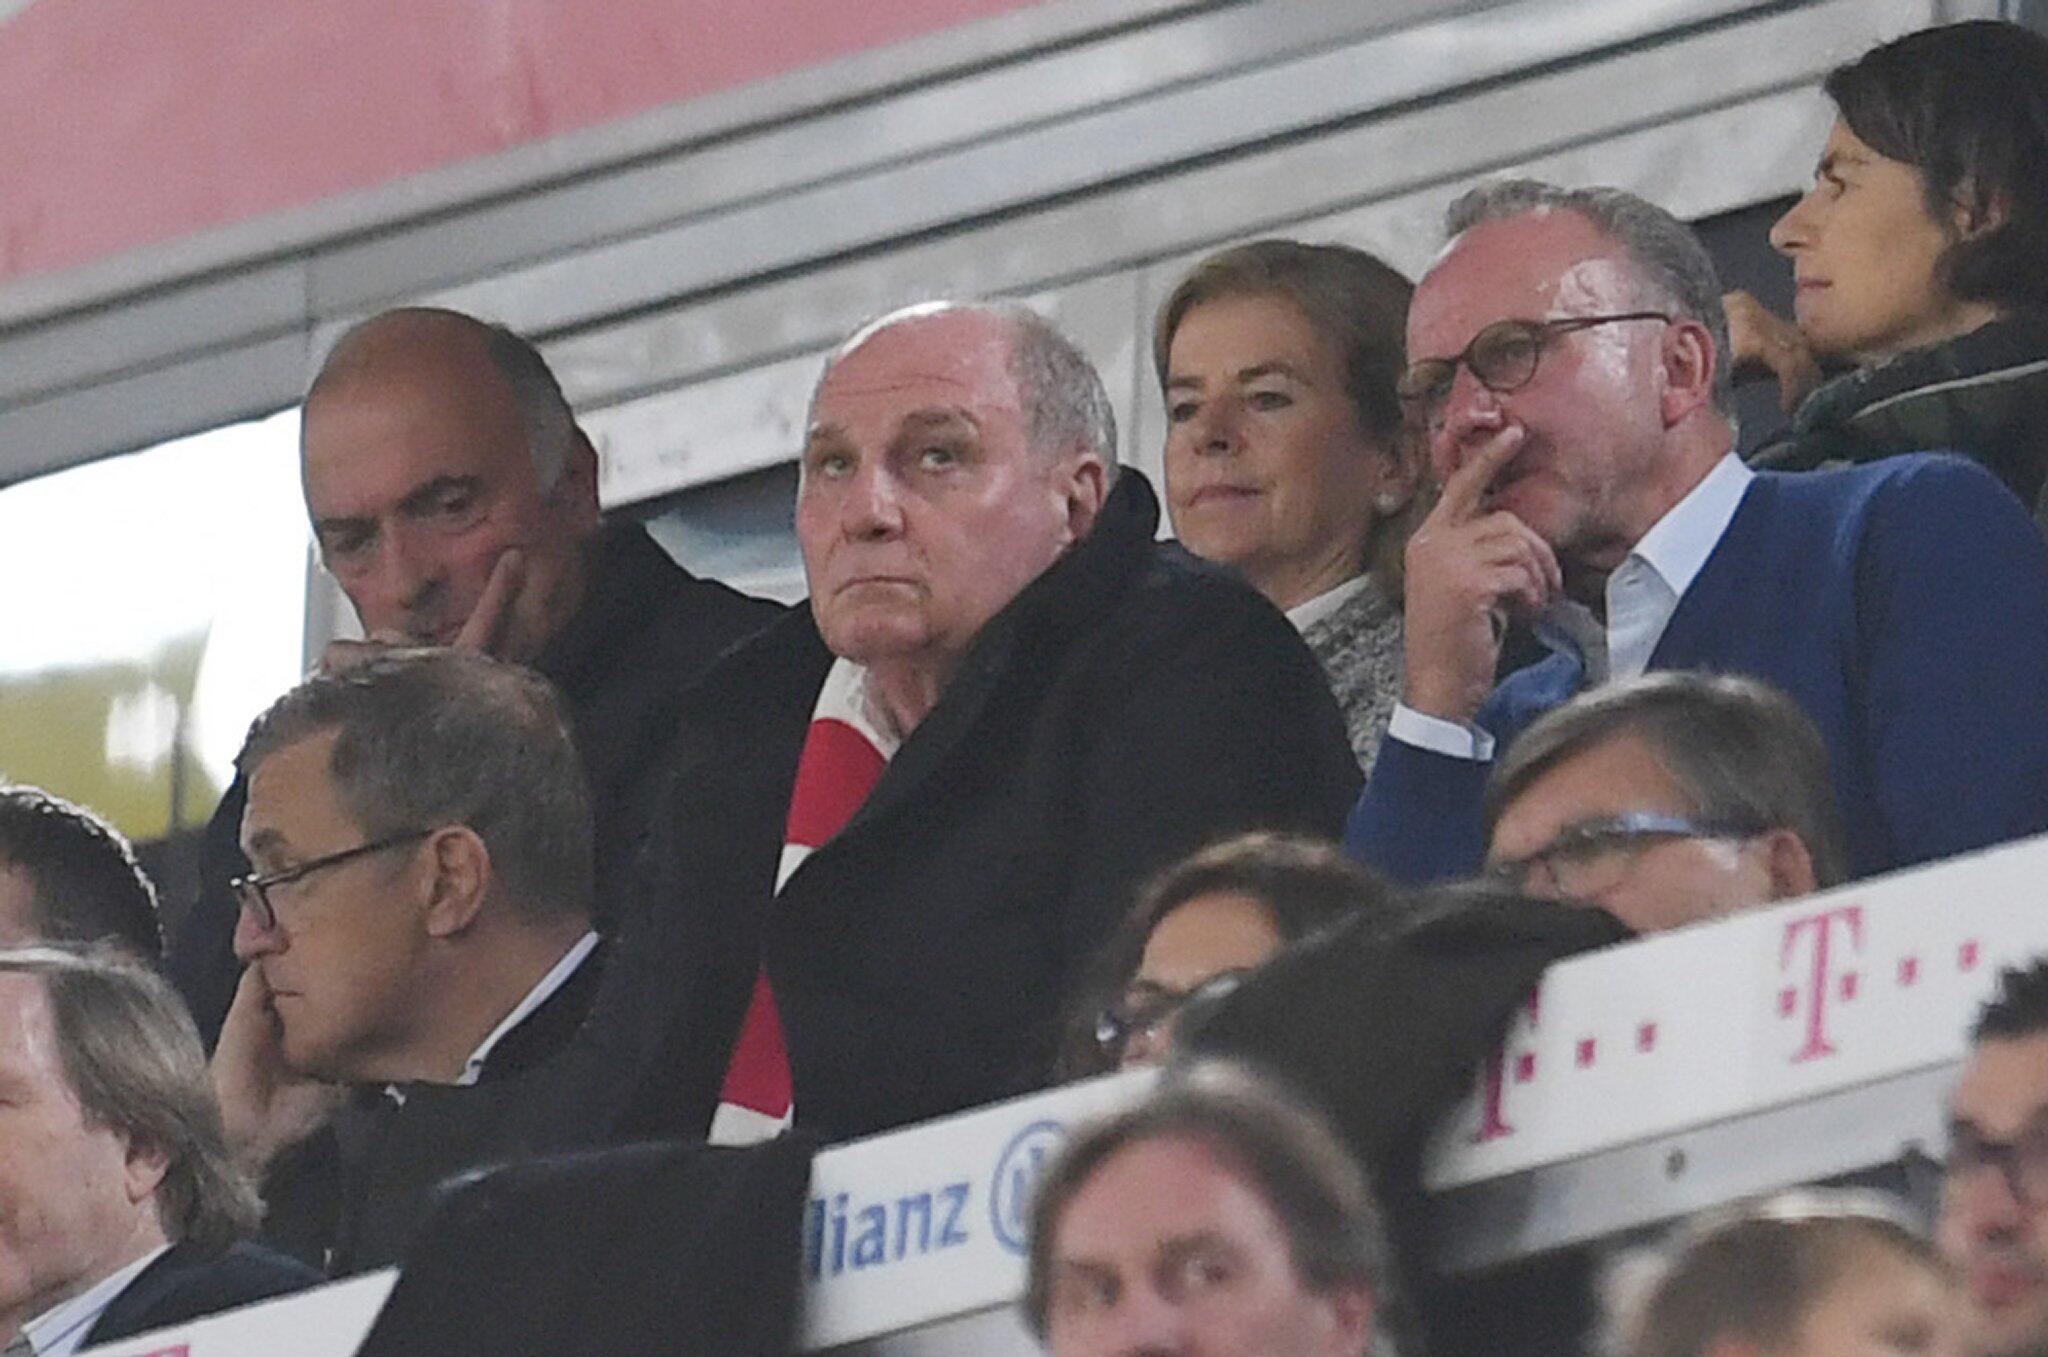 Bild zu Bundesliga, Bayern München - Borussia Mönchengladbach, Uli Hoeneß, Karl-Heinz Rummenigge